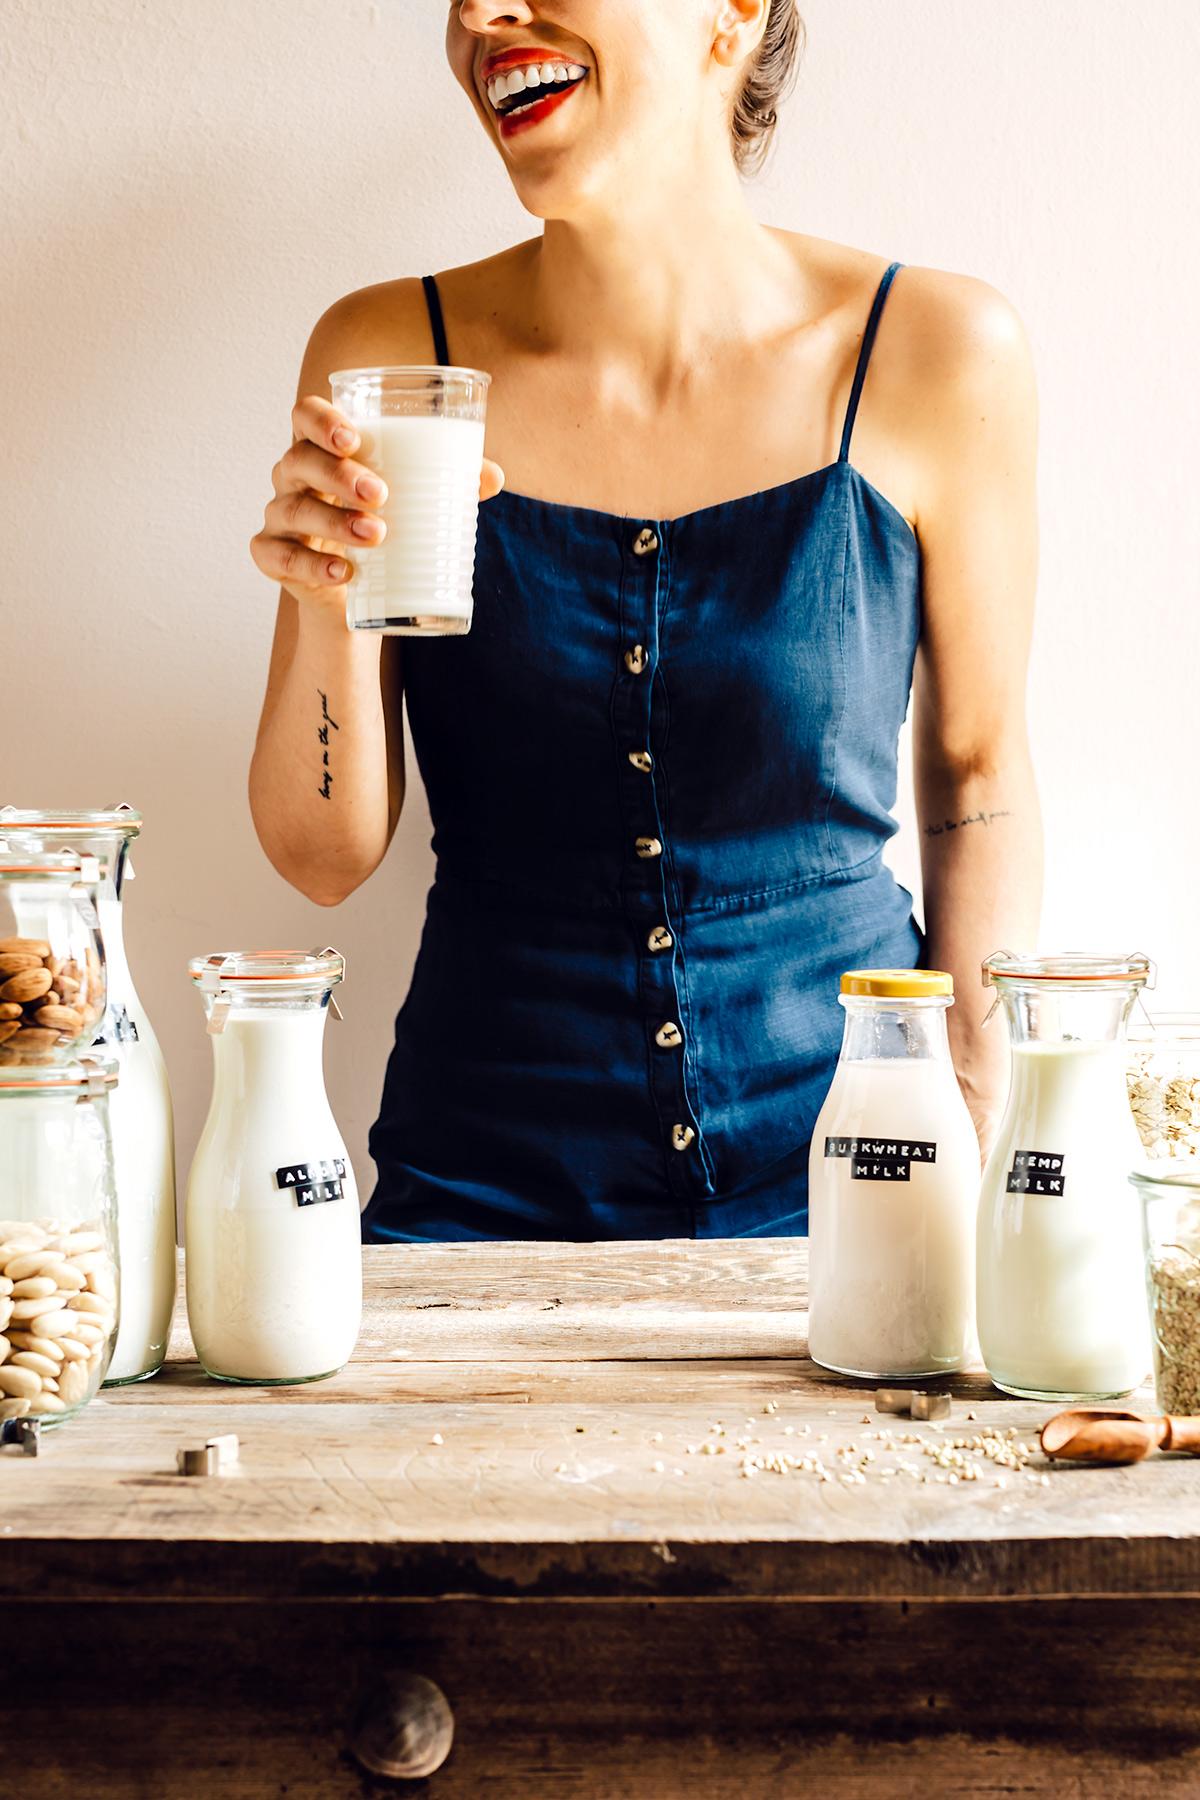 come preparare il LATTE VEGETALE FATTO IN CASA con estrattore o frullatore Mini guida senza lattosio vegan How to make dairy free milk guide recipe with slow juicer